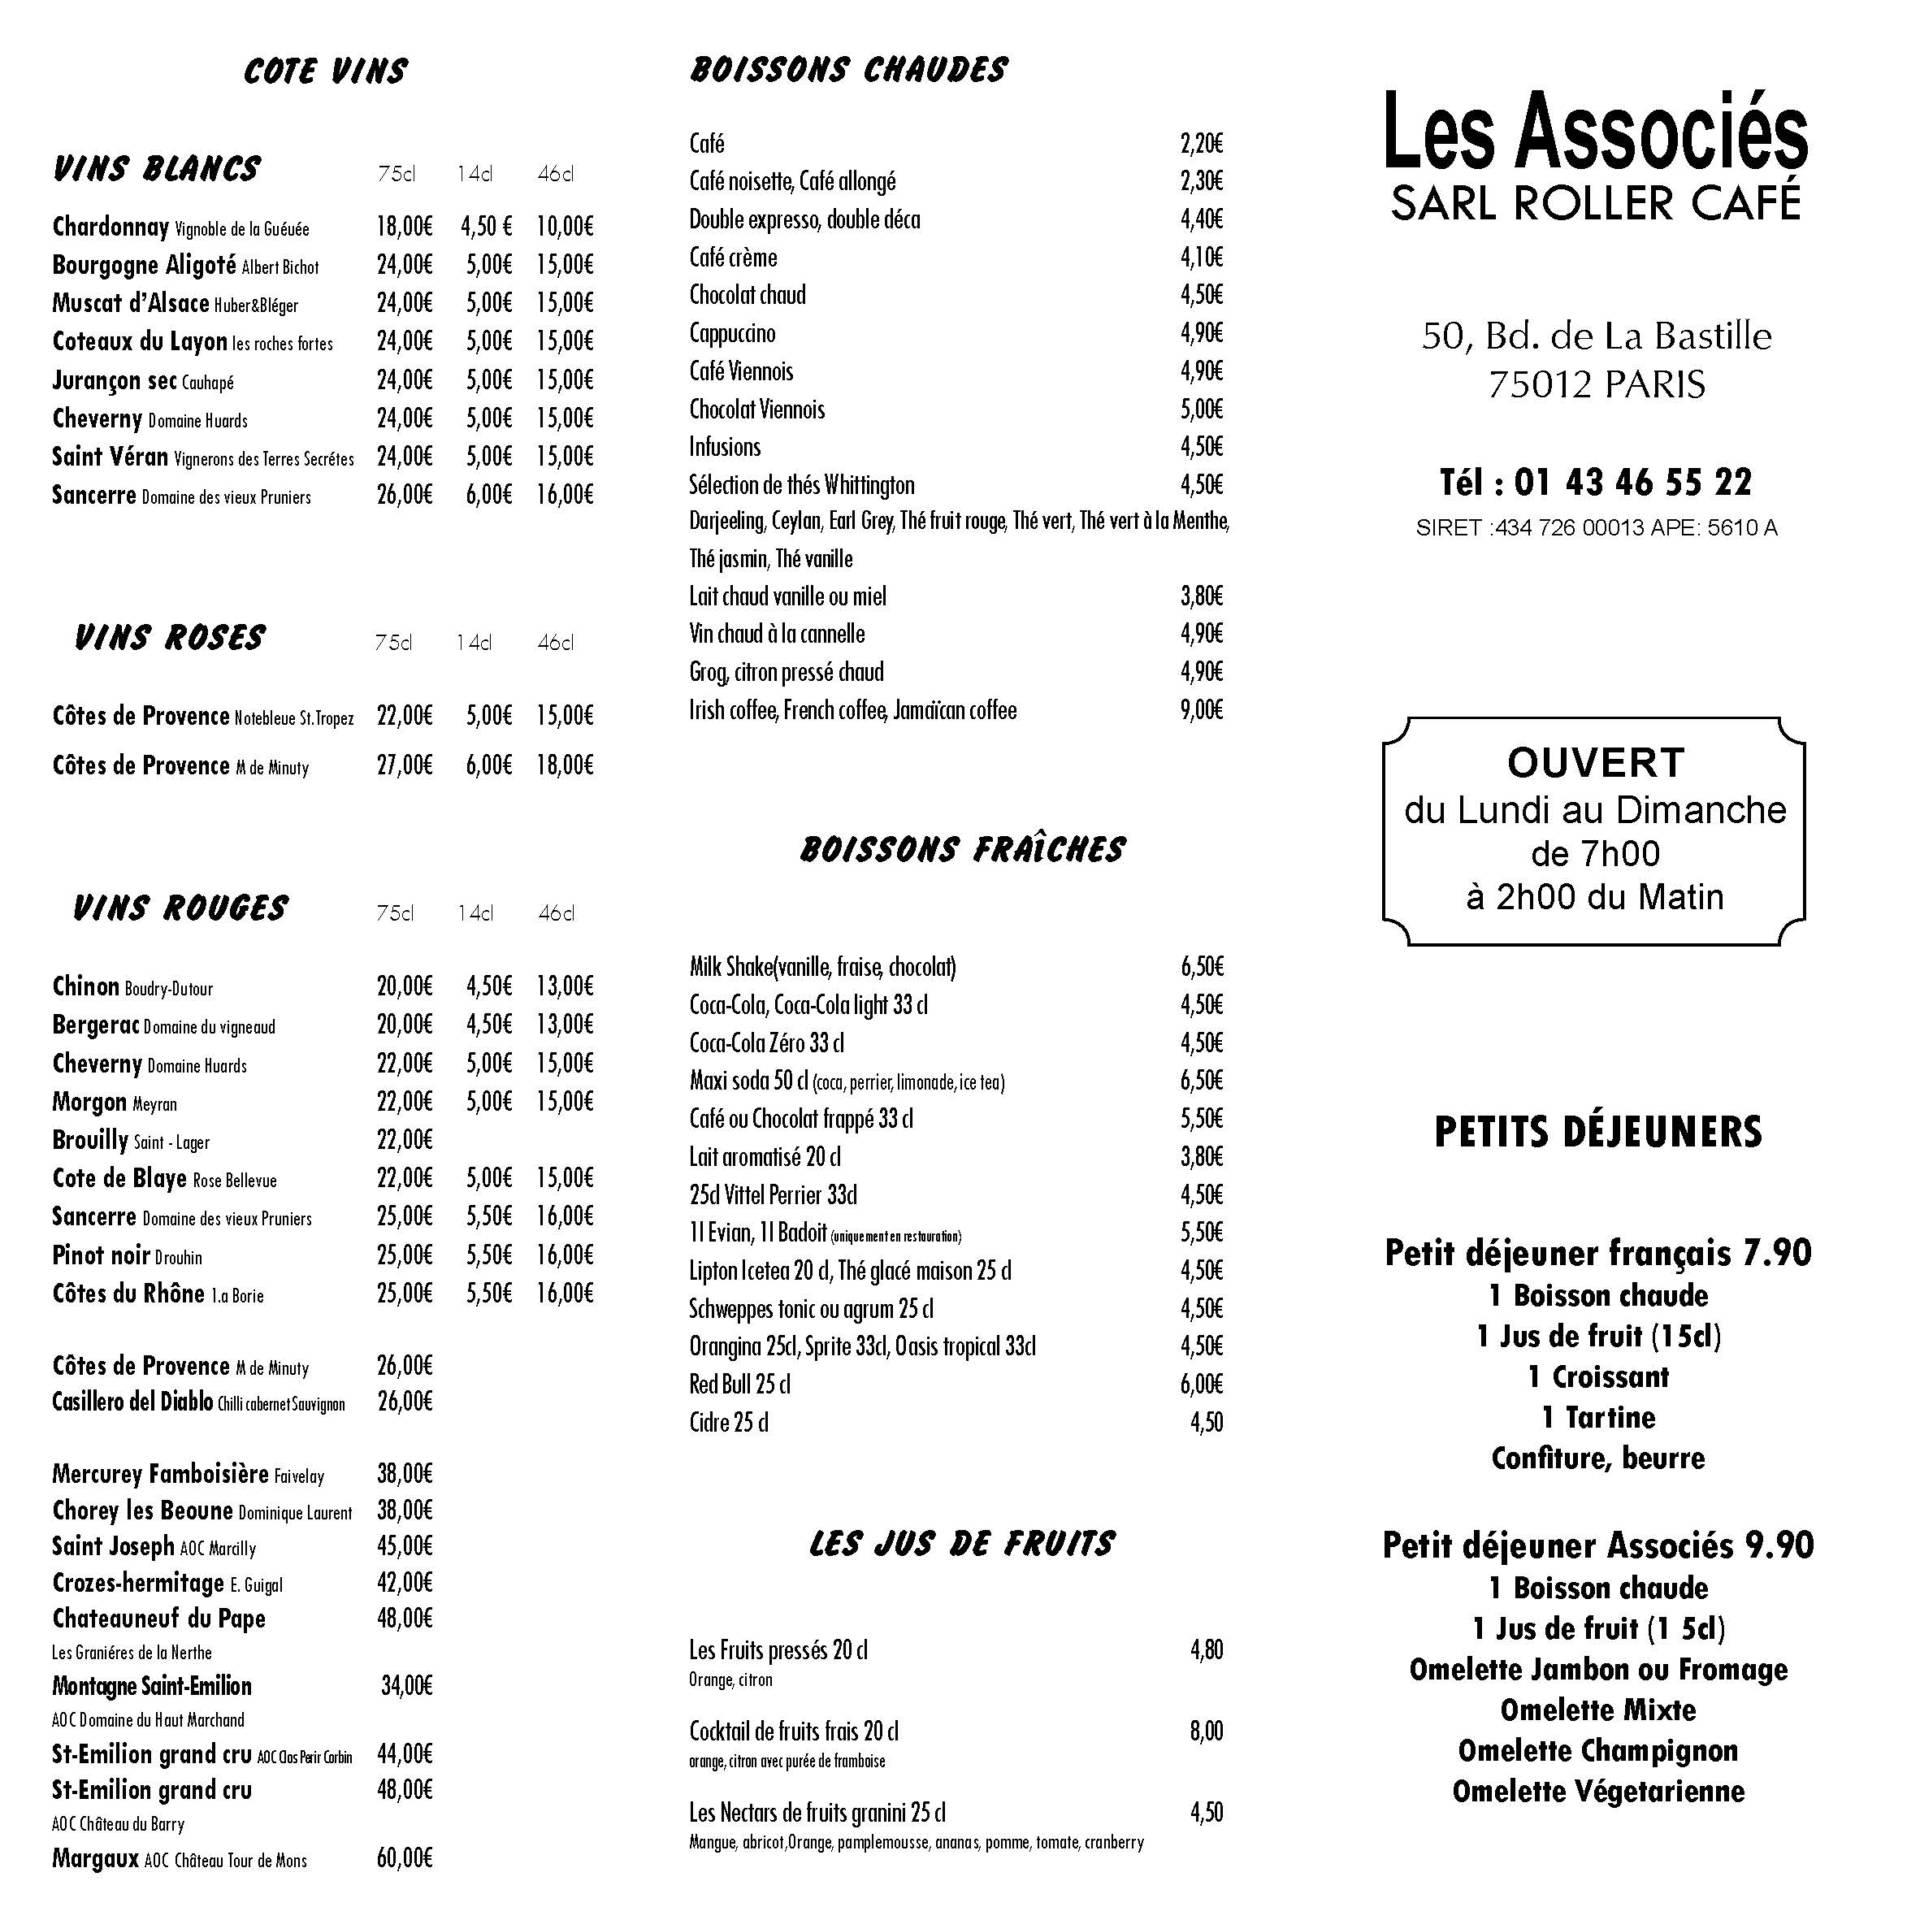 pizzeria Les Associés située à Paris 12e